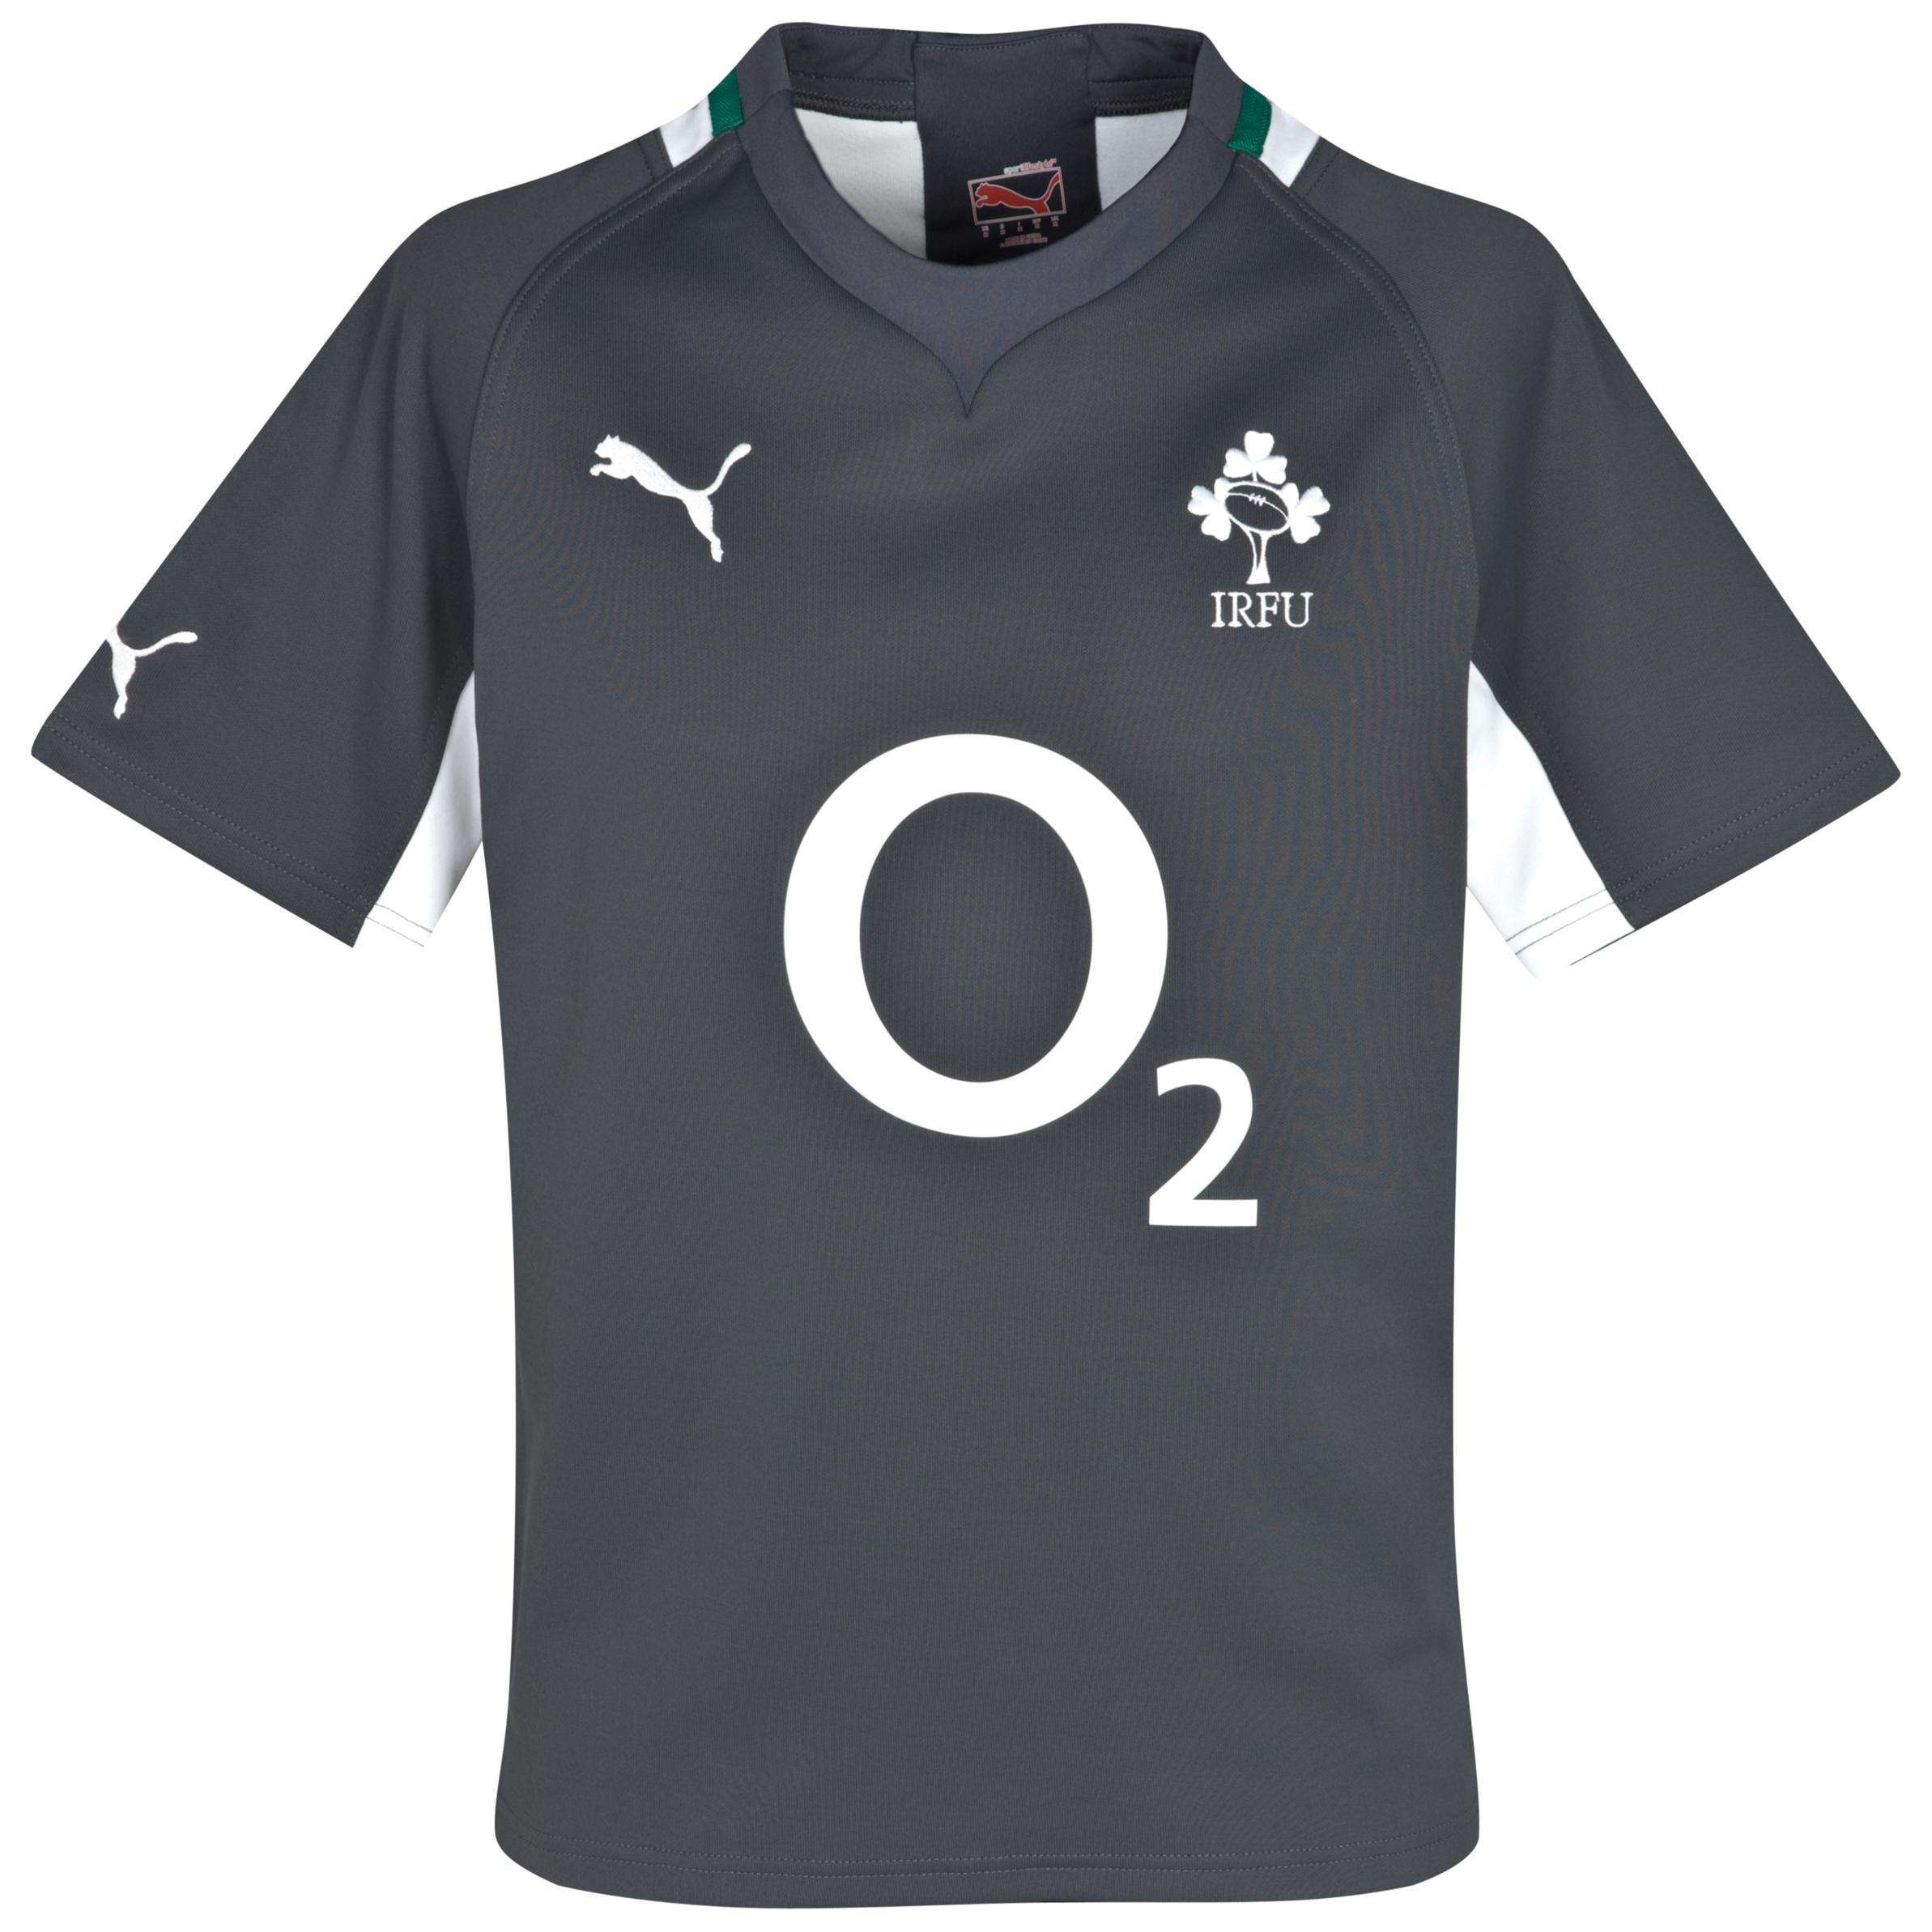 Ireland Rugby Training Jersey - Ebony/White. for 40€